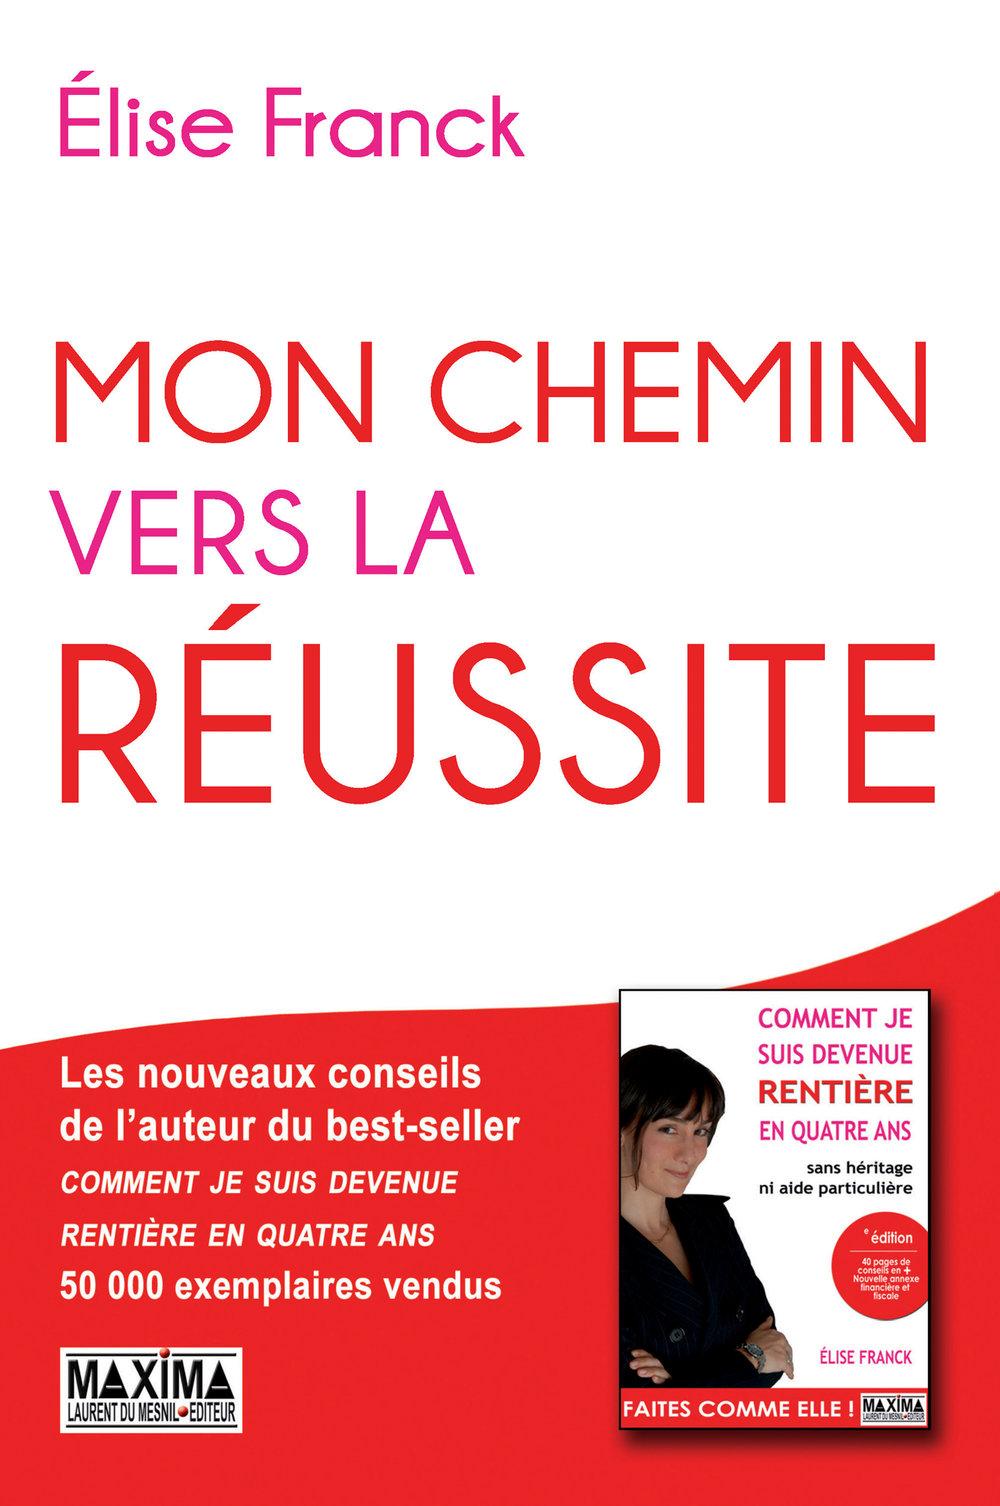 Franck - chemin reussite - 9782840017592.jpg